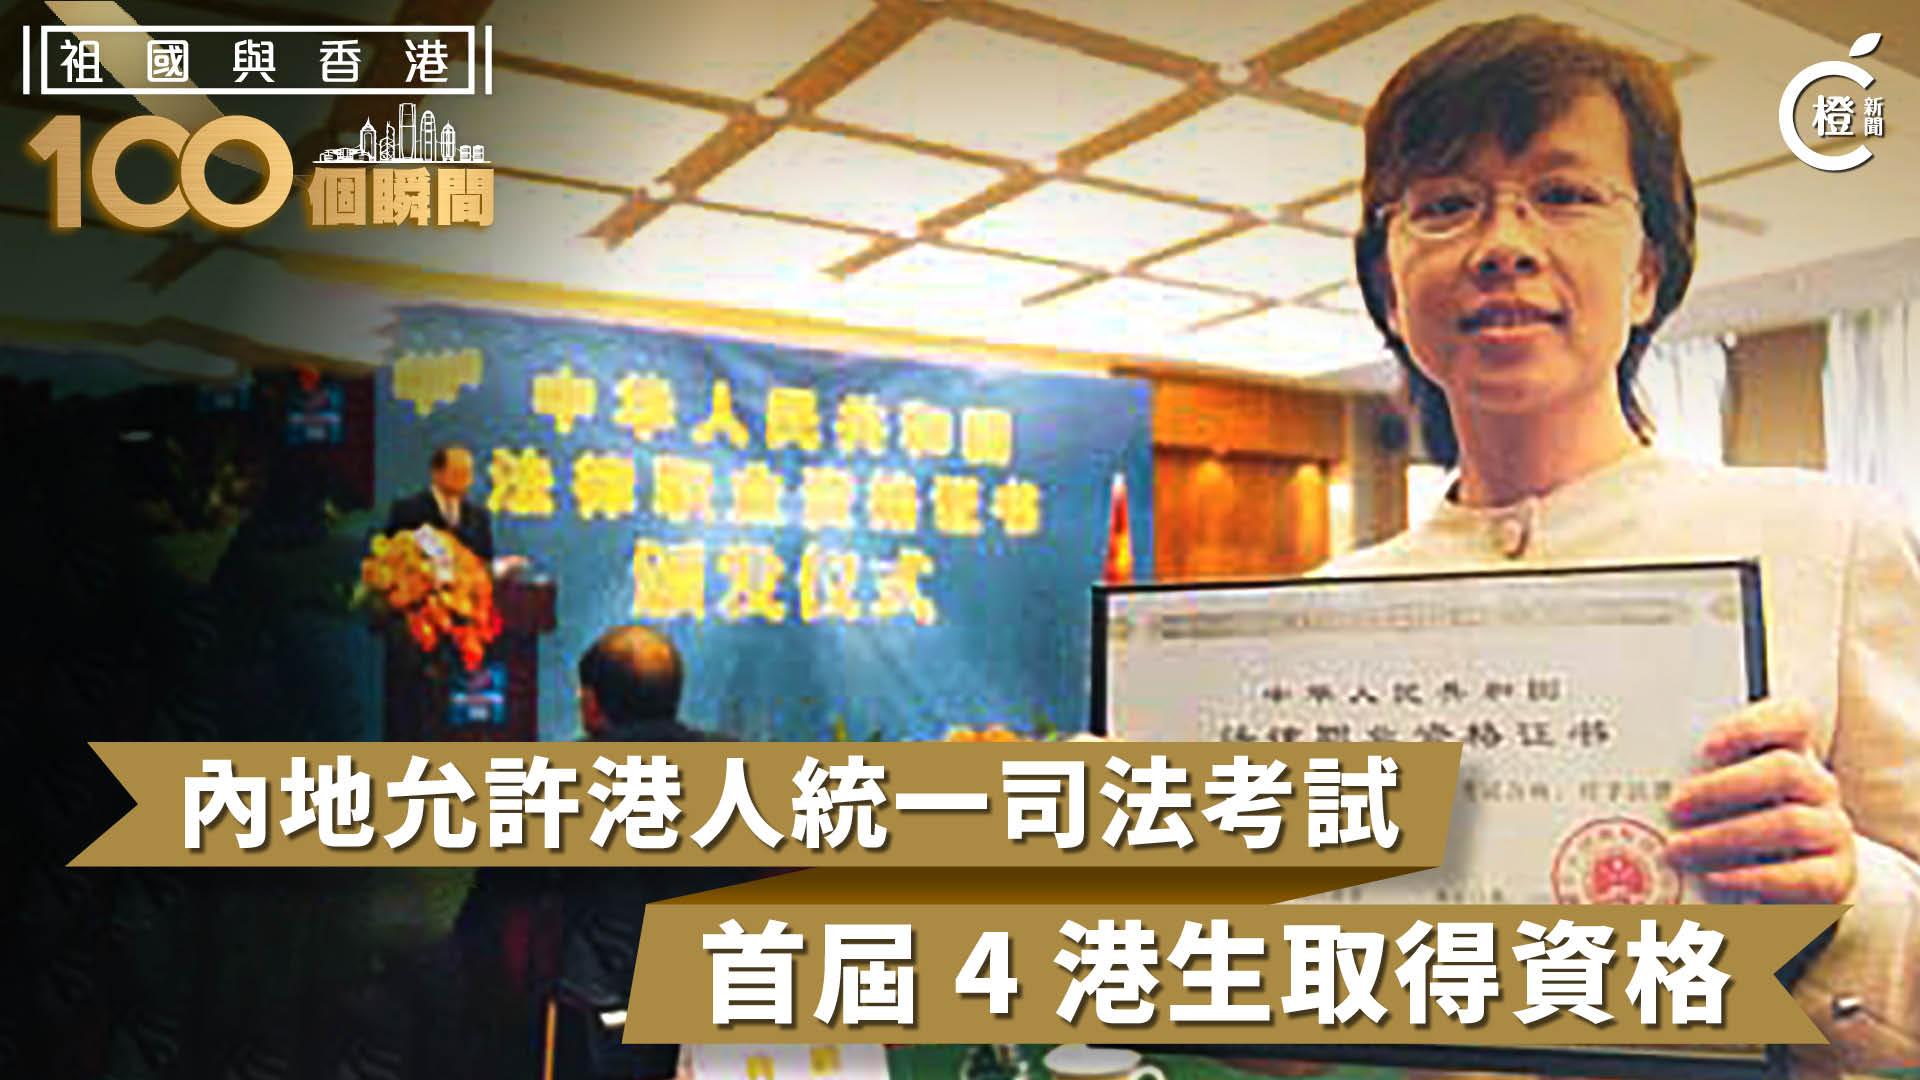 【祖國與香港100個瞬間】港人首次參加內地司法考試 4人取得法律職業資格